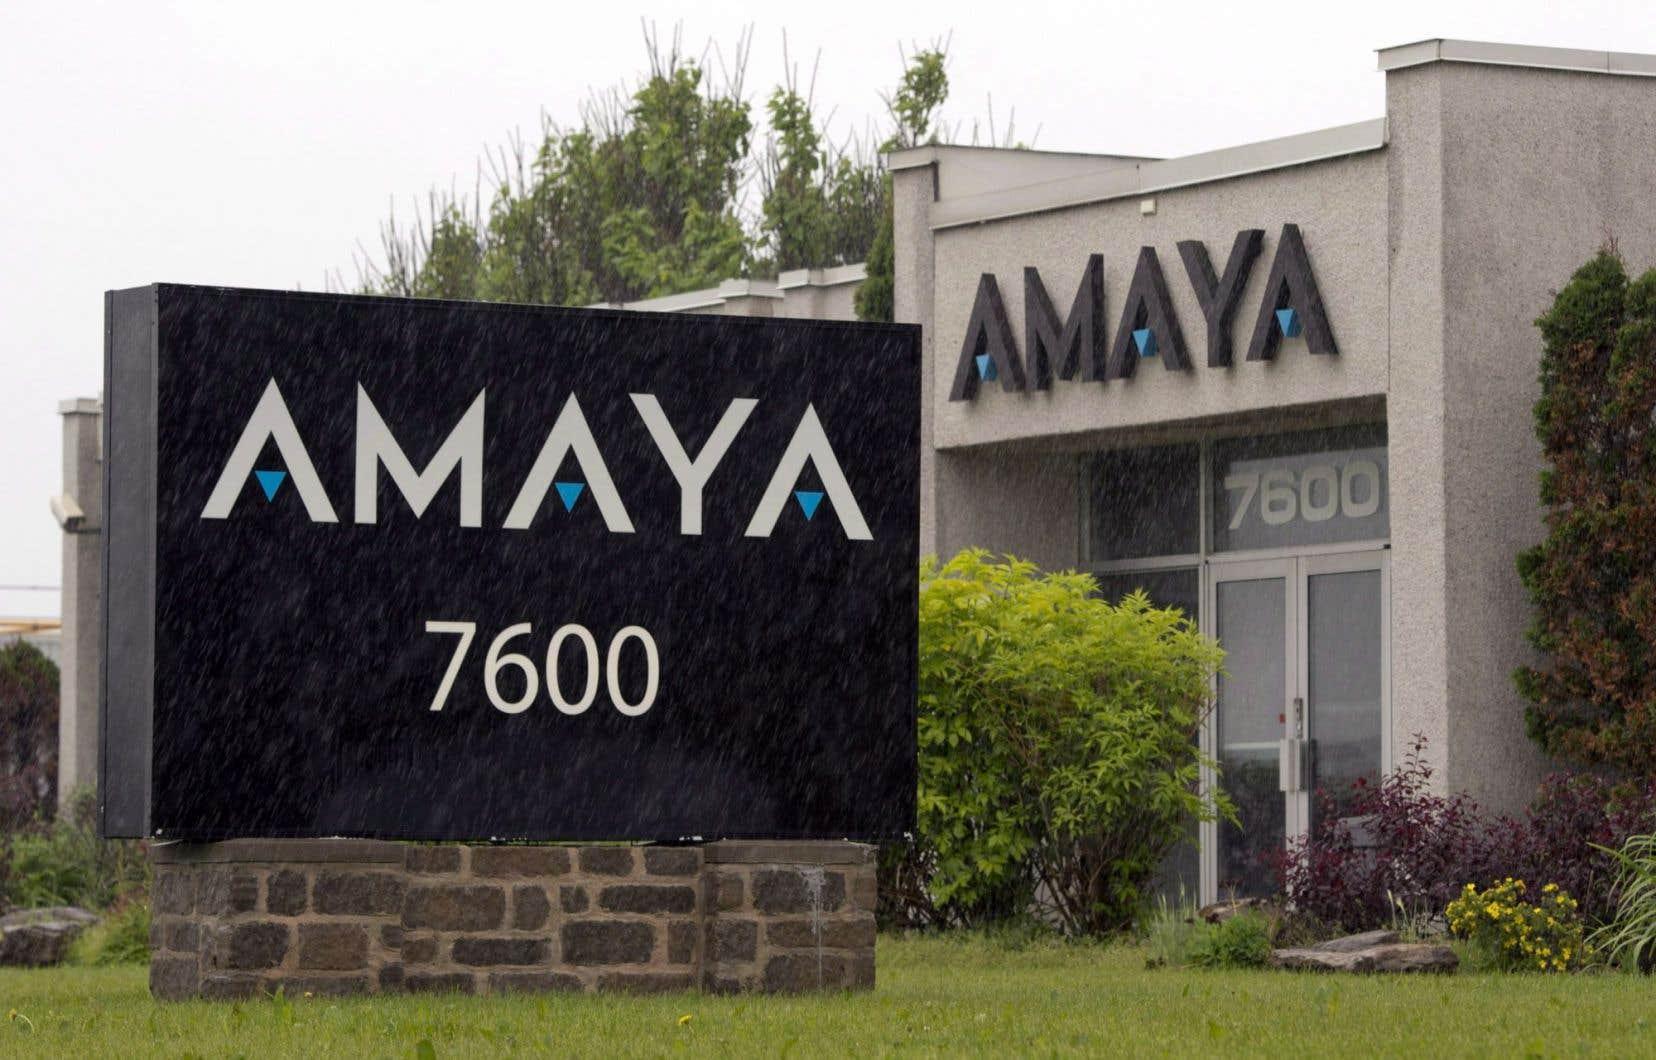 Les 12 personnes sont accusées d'avoir utilisé de l'information privilégiée à laquelle elles ont eu accès au sujet d'acquisitions imminentes d'Amaya pour engranger des profits de près de 1,5million sur cinq ans.